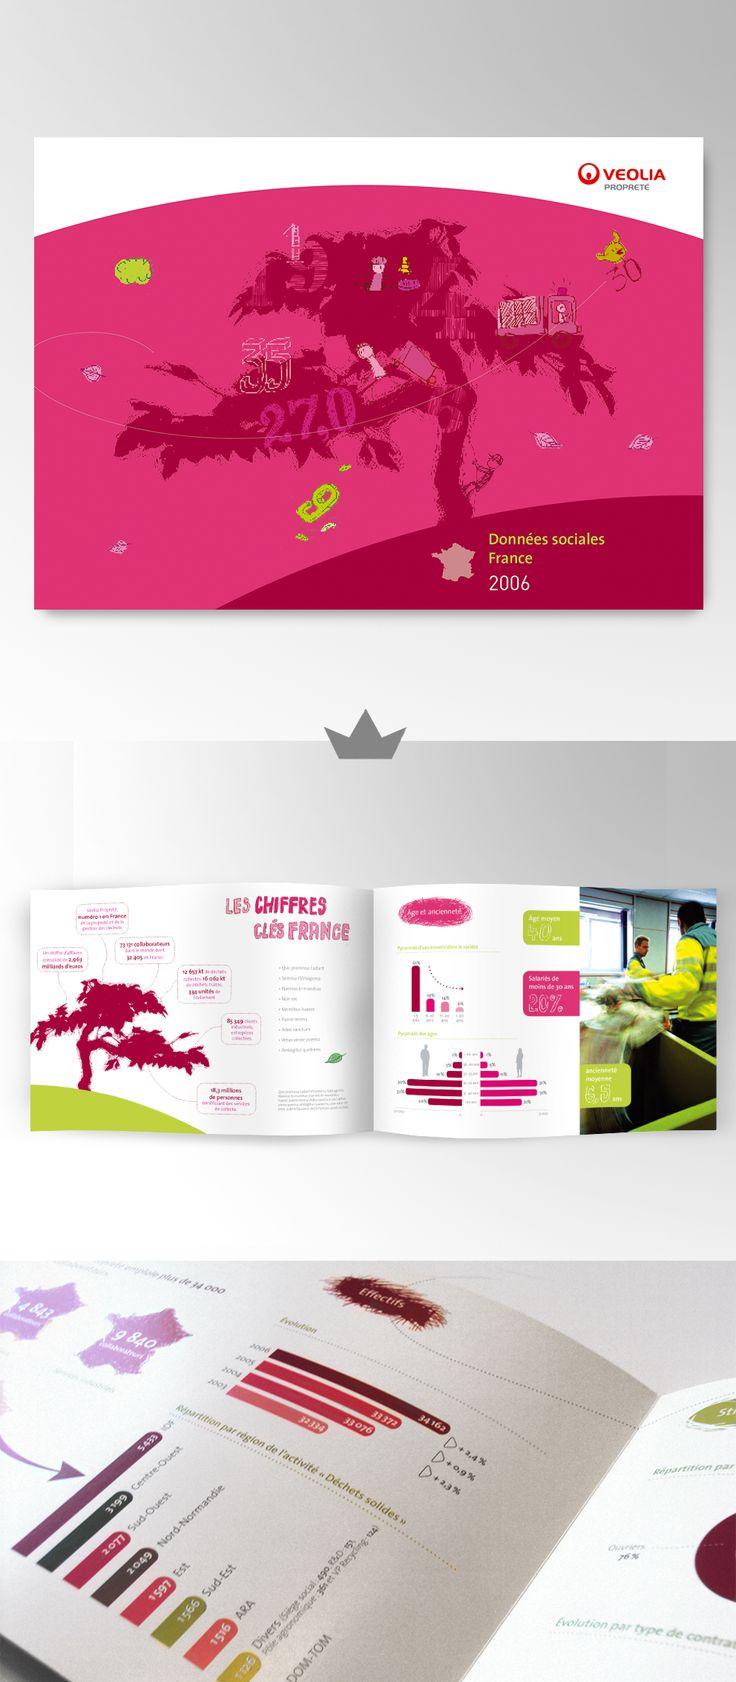 VEOLIA - Rapport annuel 2006  (Données sociales - france)